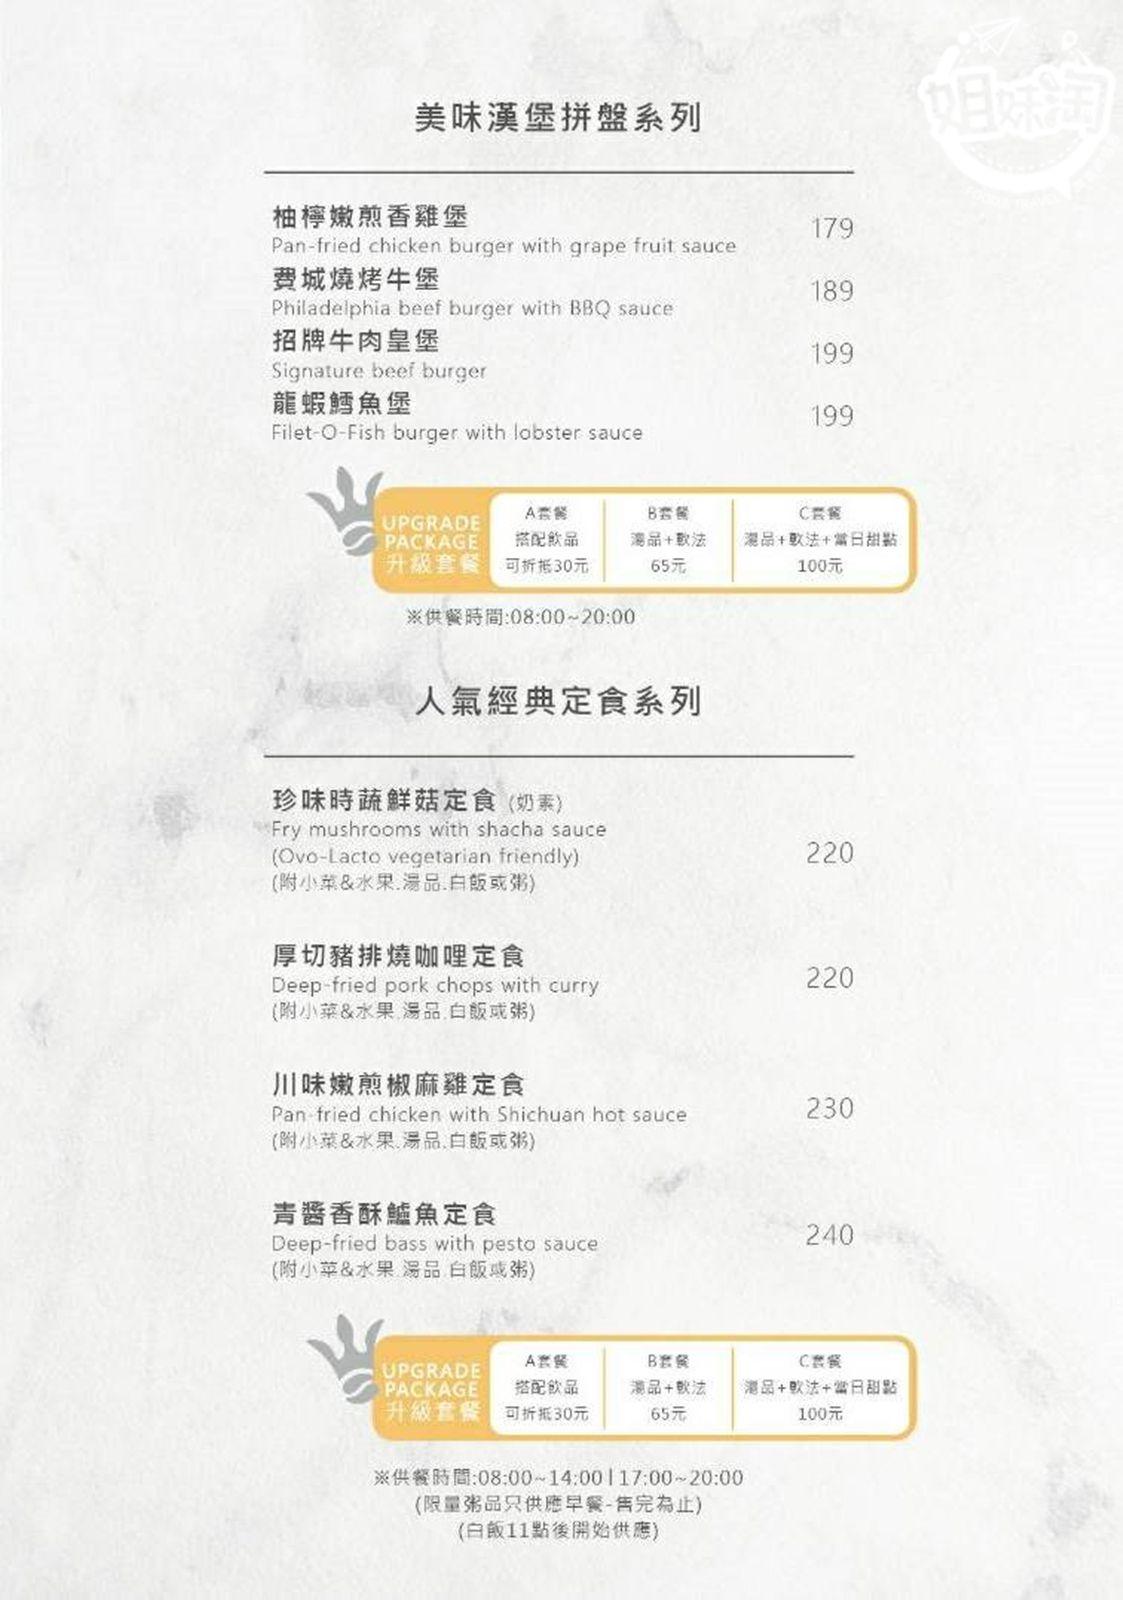 網美 打卡 簡餐 複合式 高雄 美食 推薦 金茂宜咖啡 鳳山區 獨家